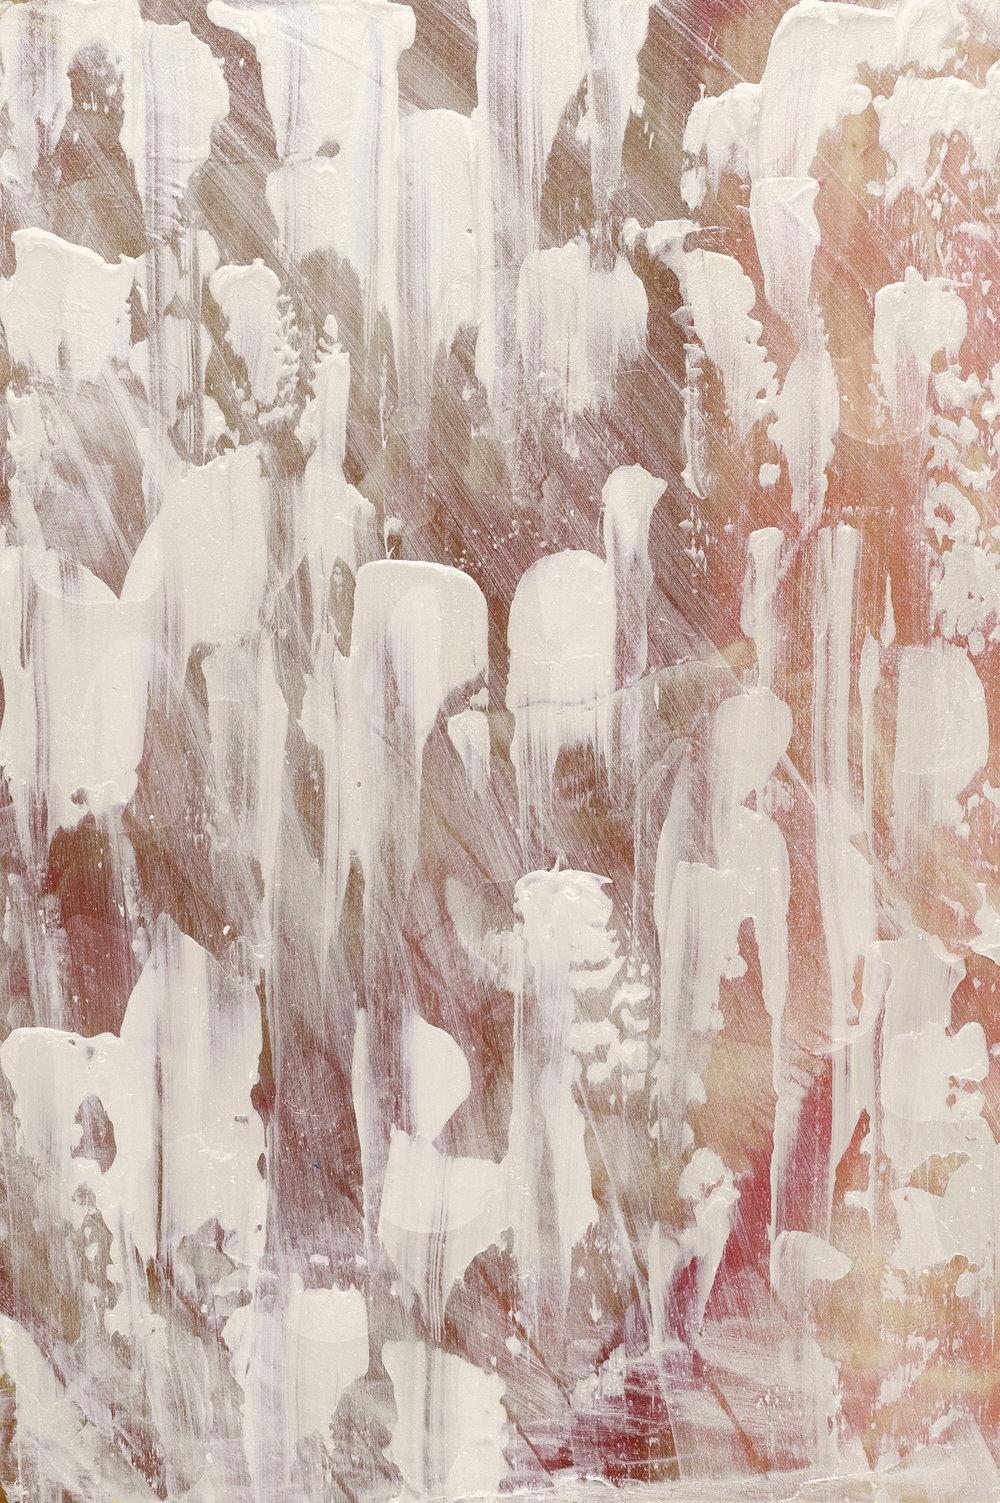 Untitled , 2015, acrylic on Japanese Magnolia, 30x20cm.